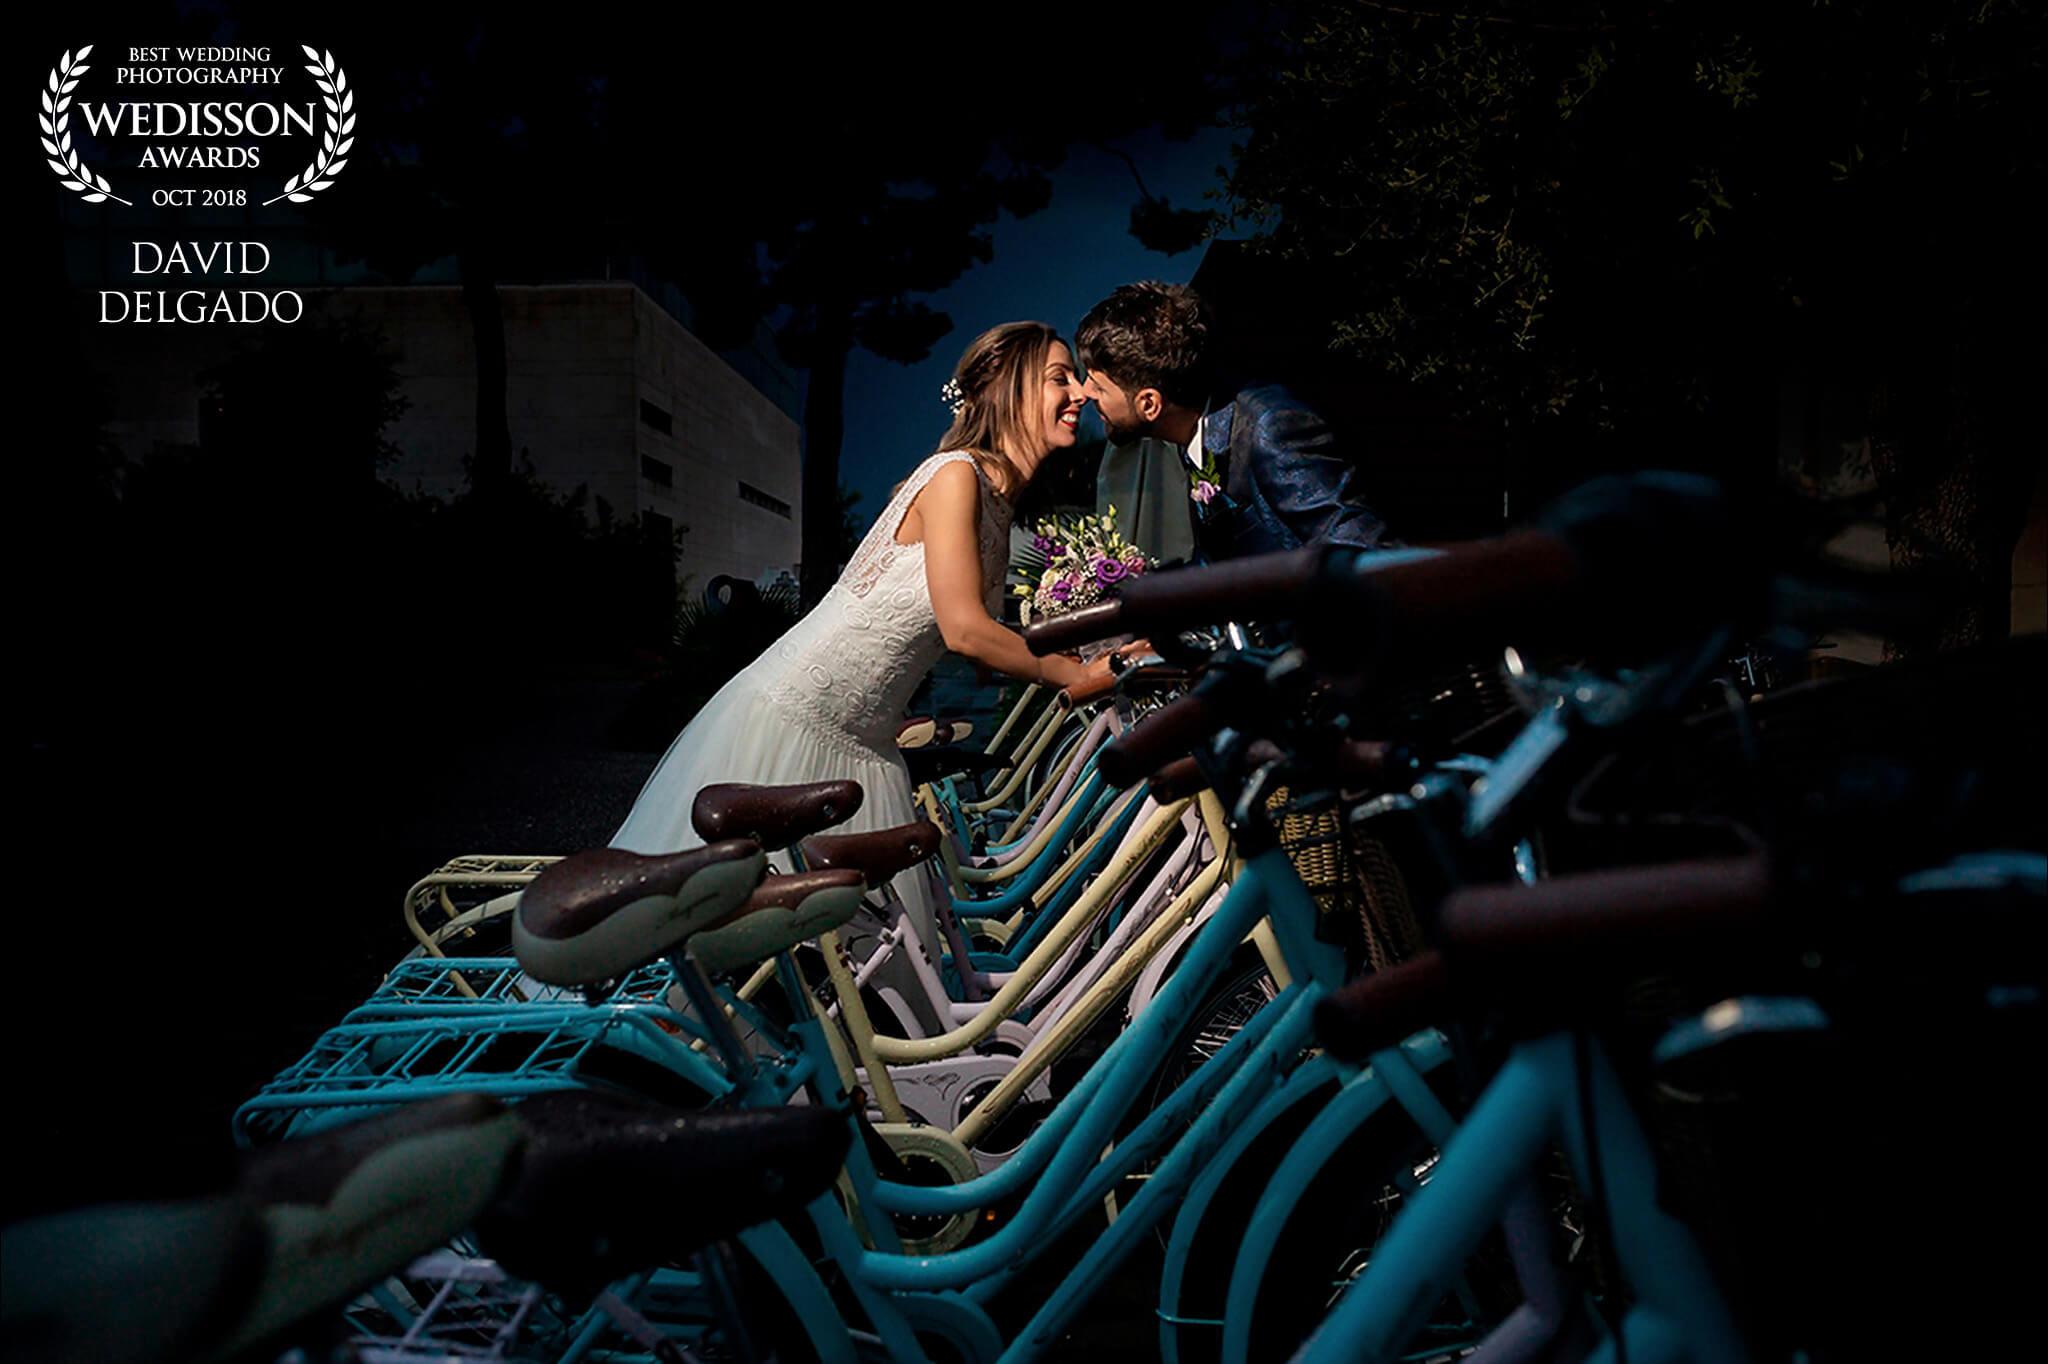 David Delgado photography Wedisson award-9